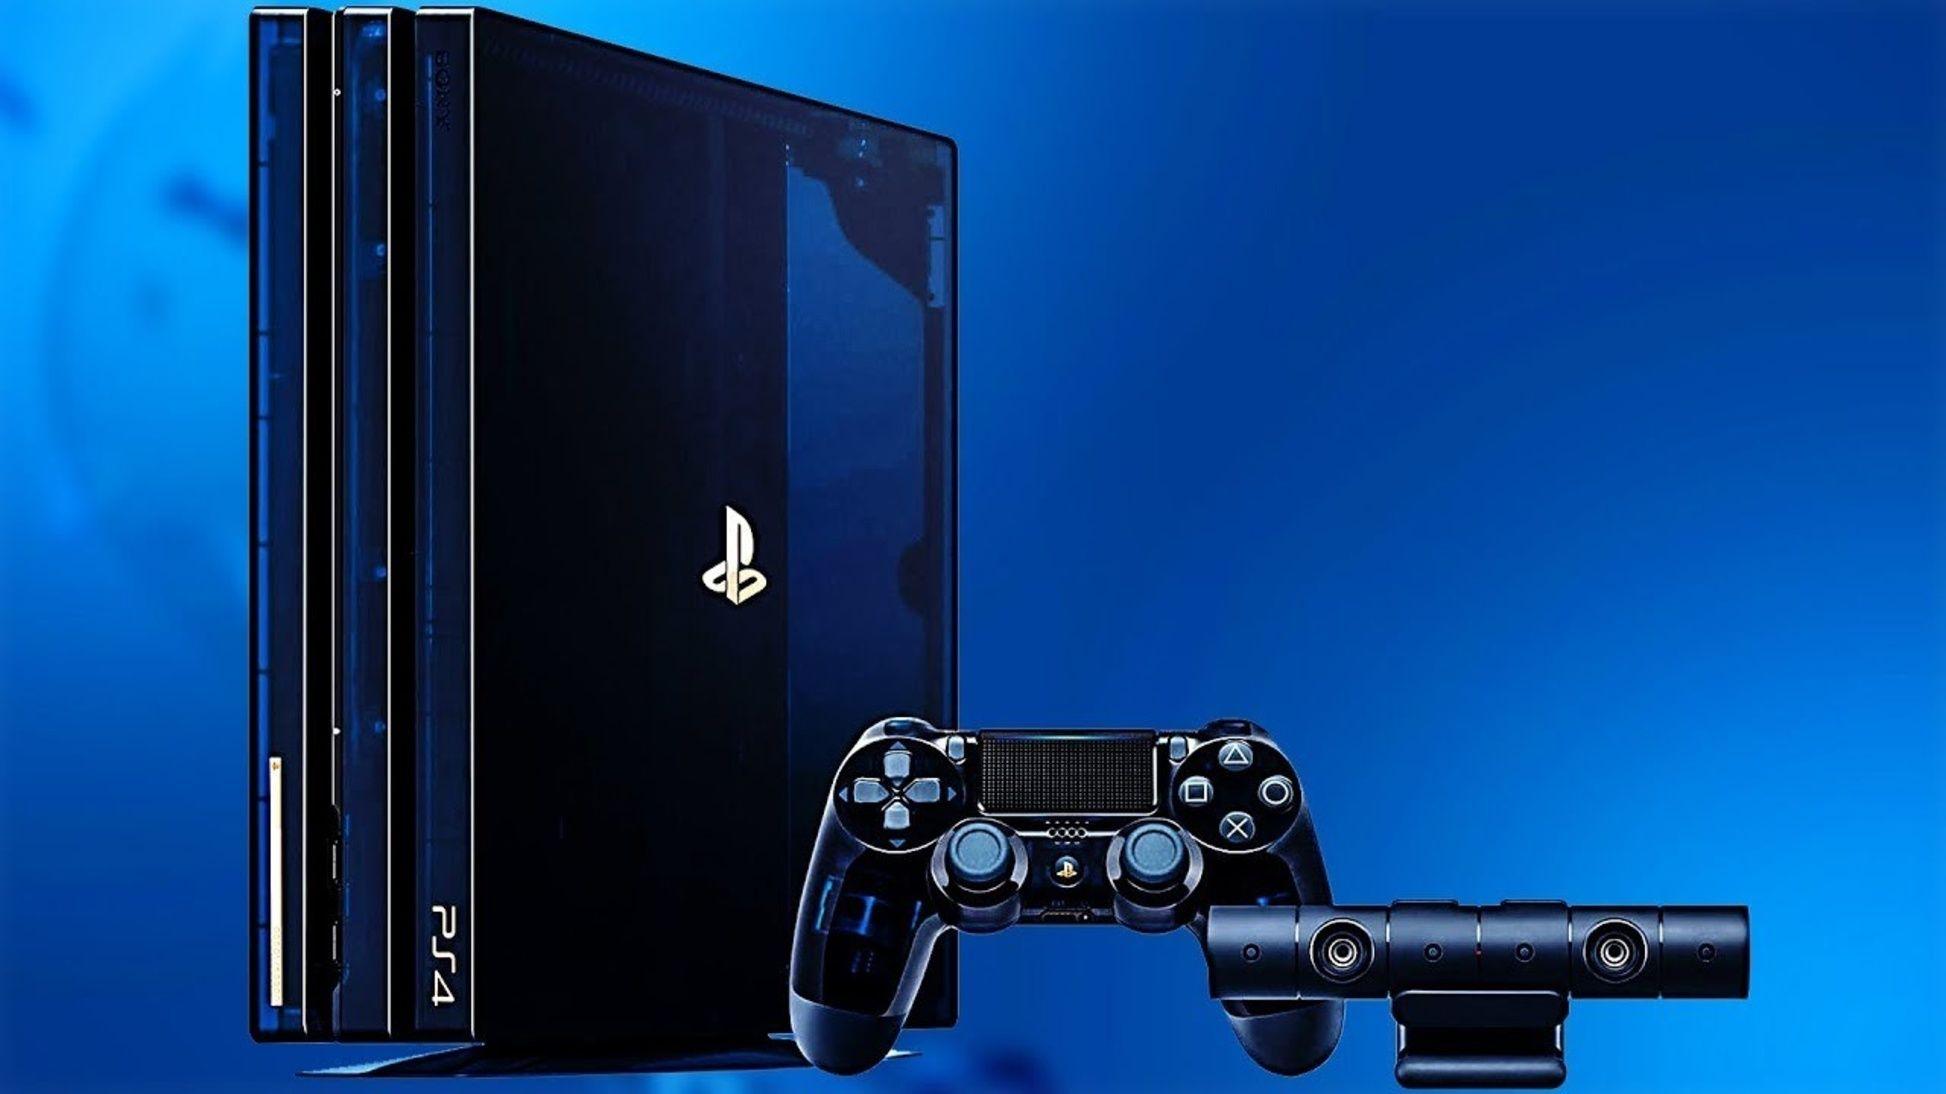 Sony Lanca Versao Transparente Do Playstation 4 Pro Veja Mais No Link Na Descricao Playstation4pro Playstation4 Ps4 Ps4 Pro Console Playstation Ps4 Console